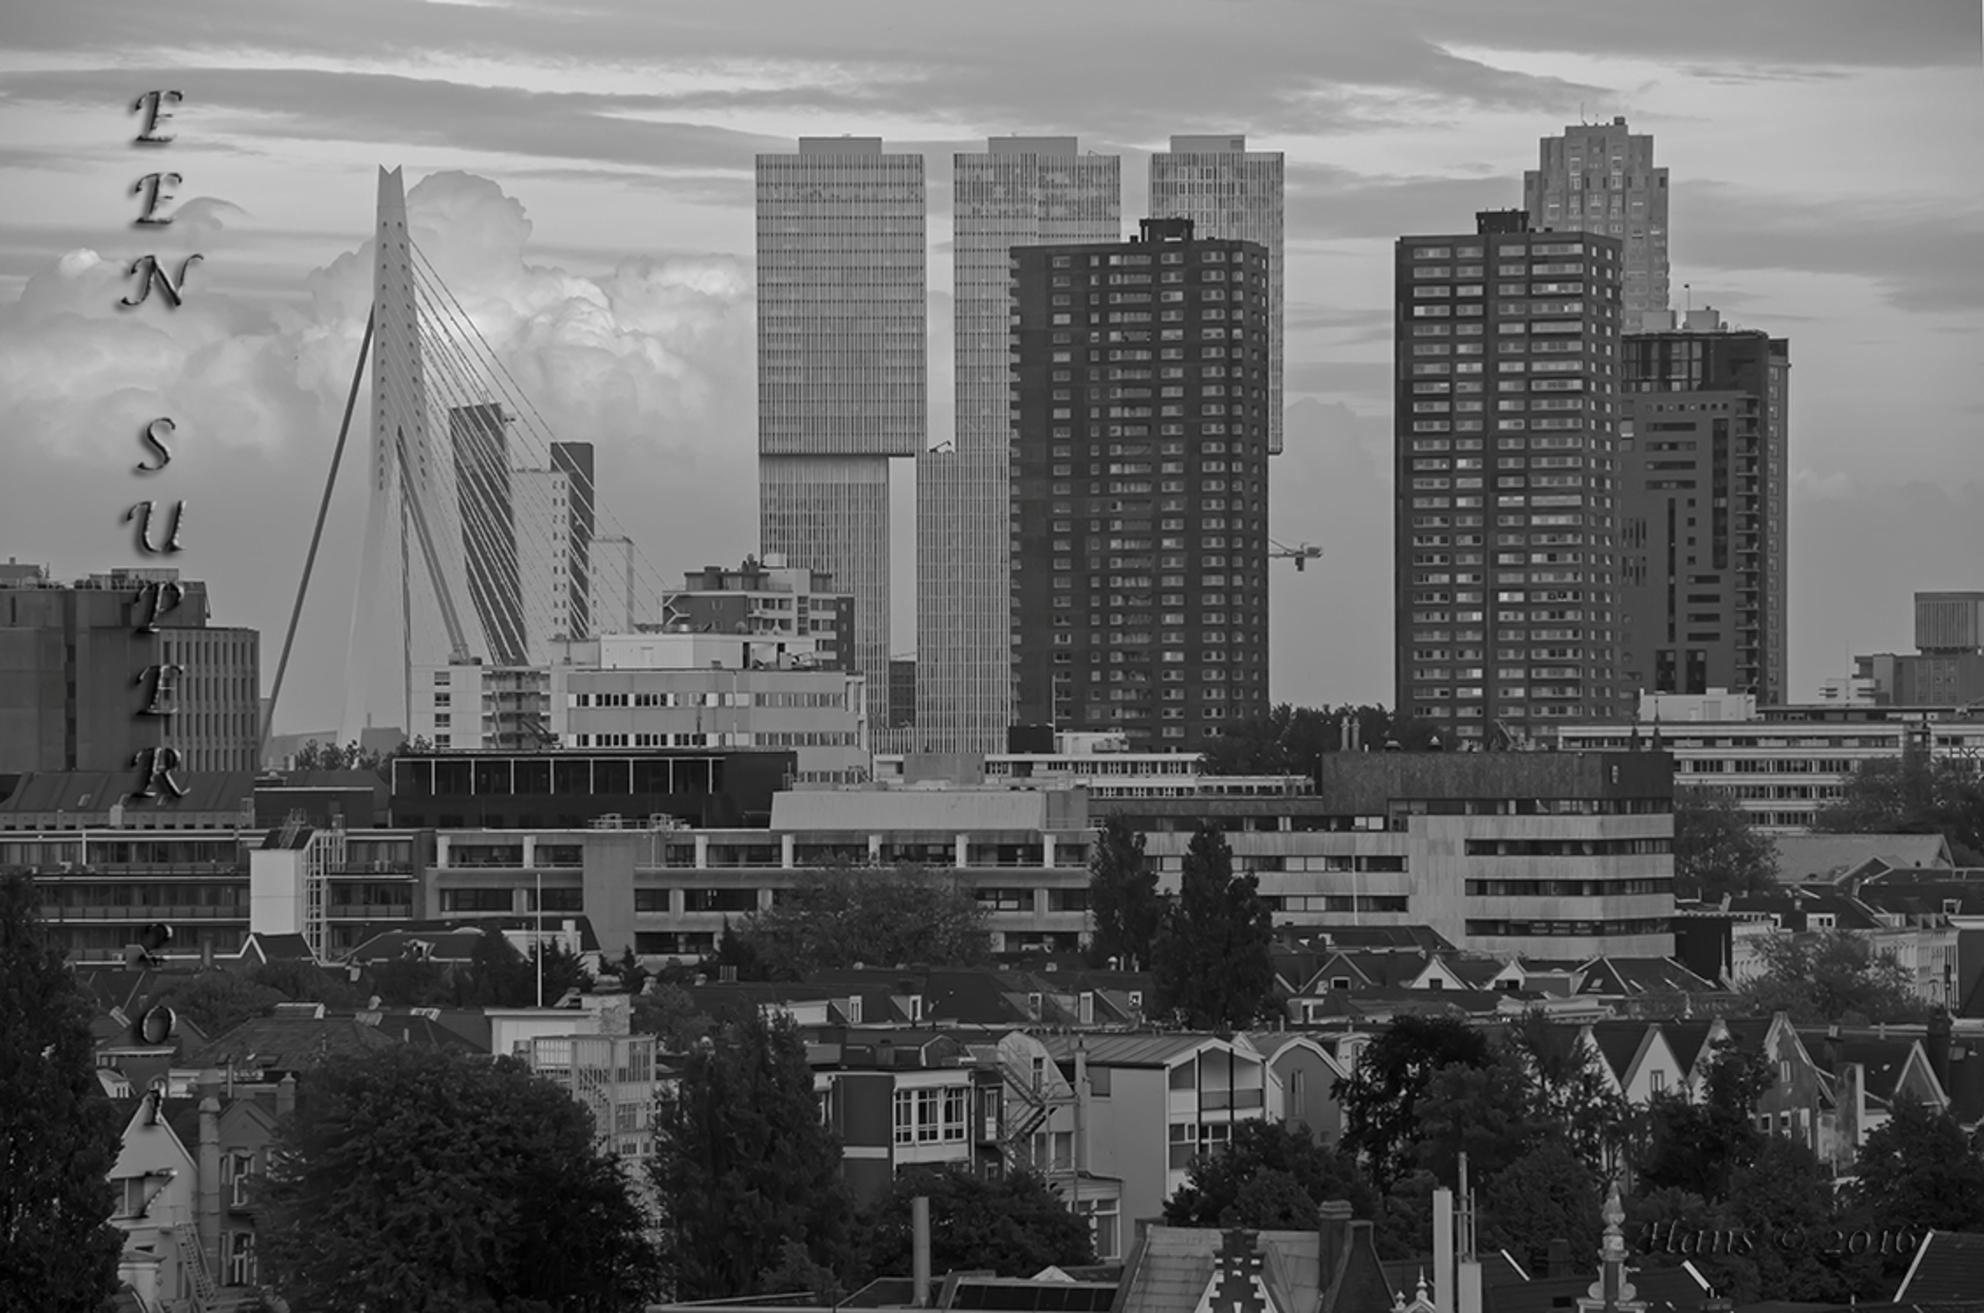 Stukje Rotterdam in zwartwit - Iedereen alsnog de beste wensen voor het nieuwe jaar. Ben er weer lang uit geweest. Eindelijk een paar daagjes vrij om bij te komen.   Foto is een  - foto door Hans1969_zoom op 02-01-2017 - deze foto bevat: rotterdam, stad, zwartwit - Deze foto mag gebruikt worden in een Zoom.nl publicatie